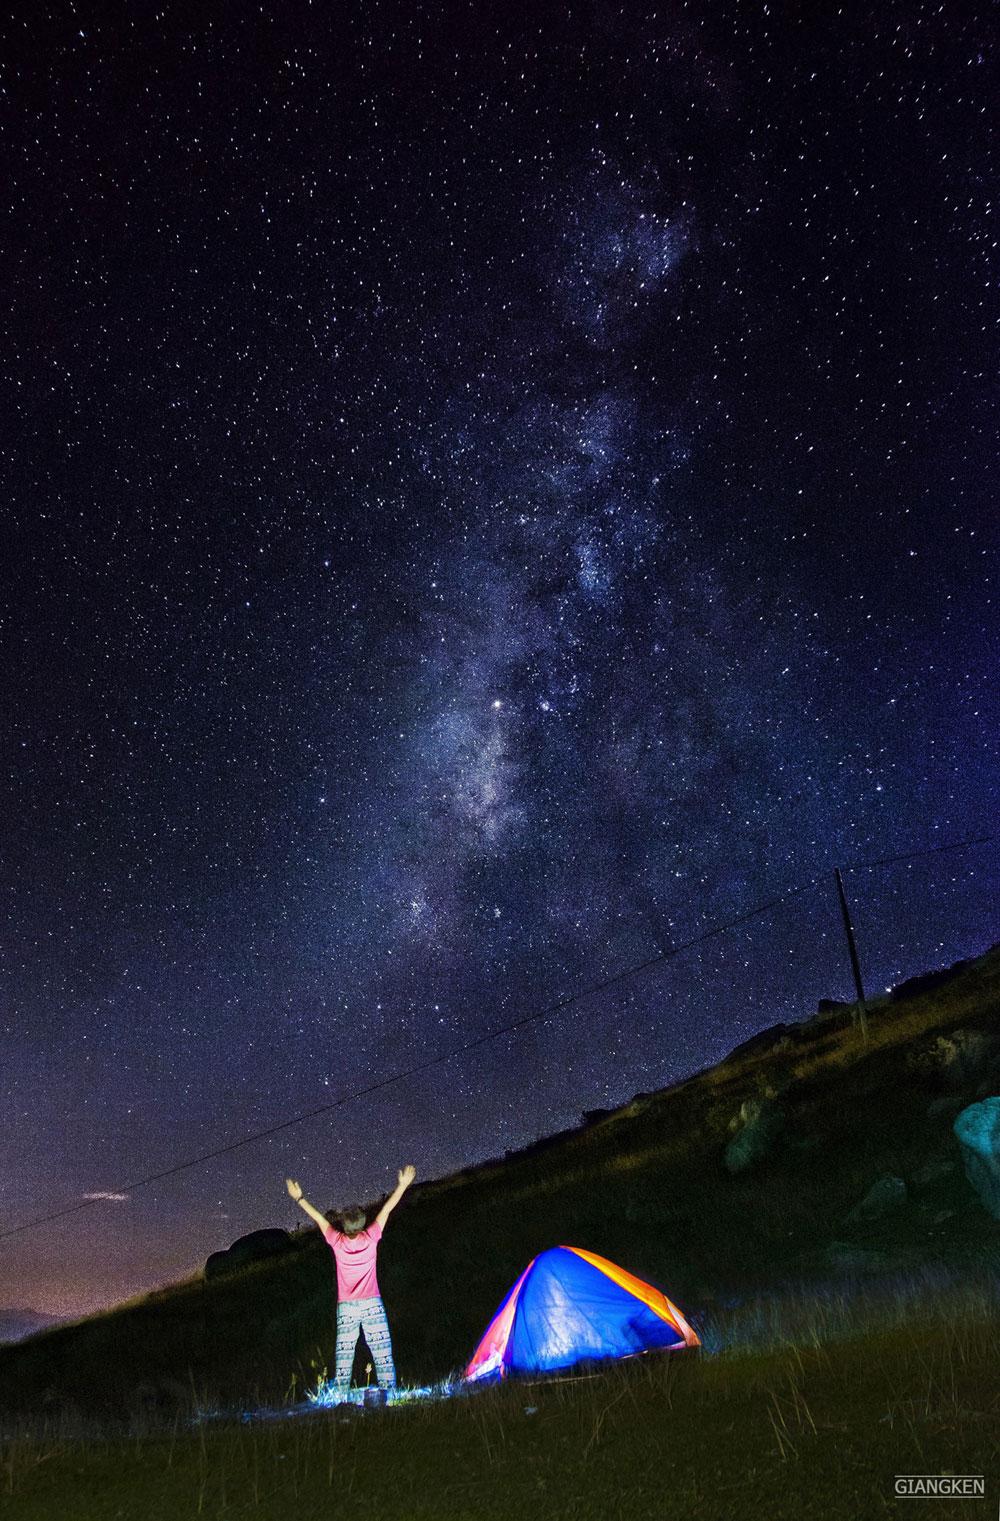 Dải ngân hà với hàng tỷ ngôi sao lấp lánh vắt ngang bầu trời.